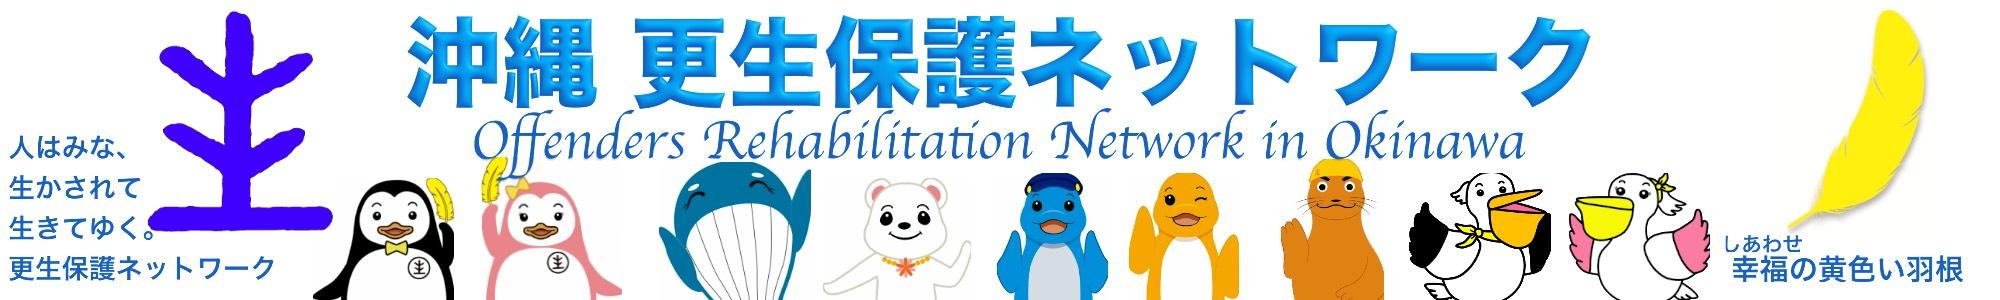 沖縄更生保護ネットワーク